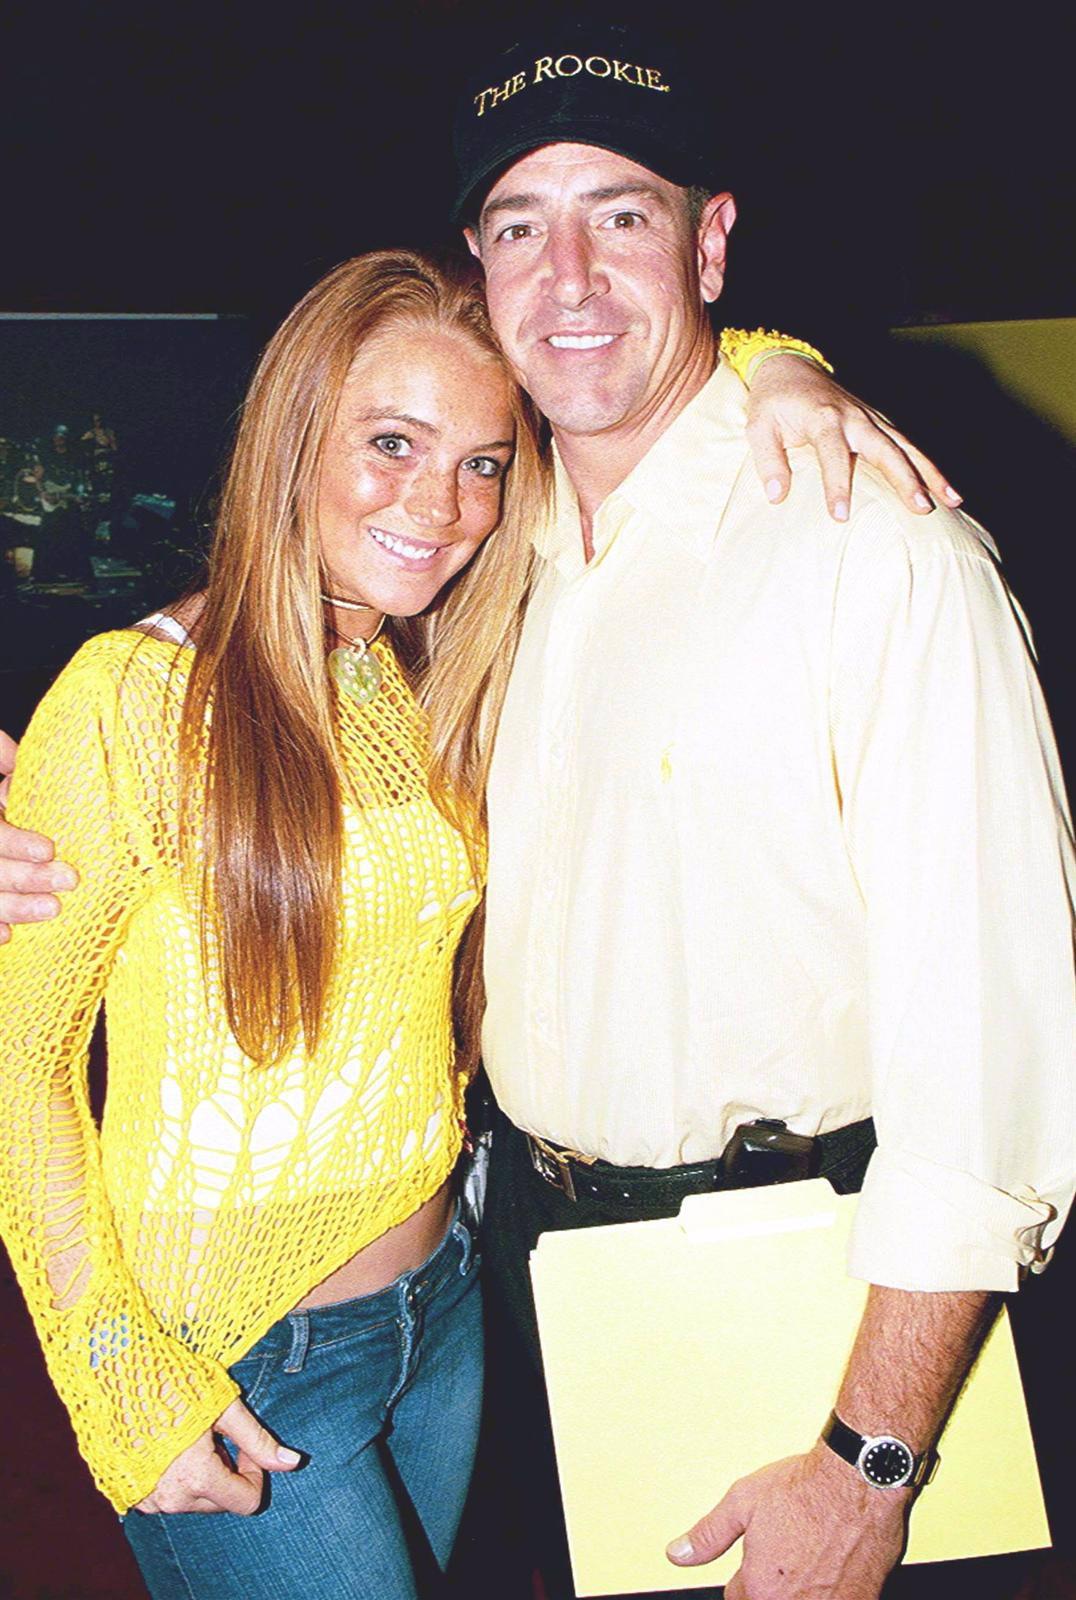 El Padre De Lindsay Lohan Otro Susto Por Bultos Cancerigenos